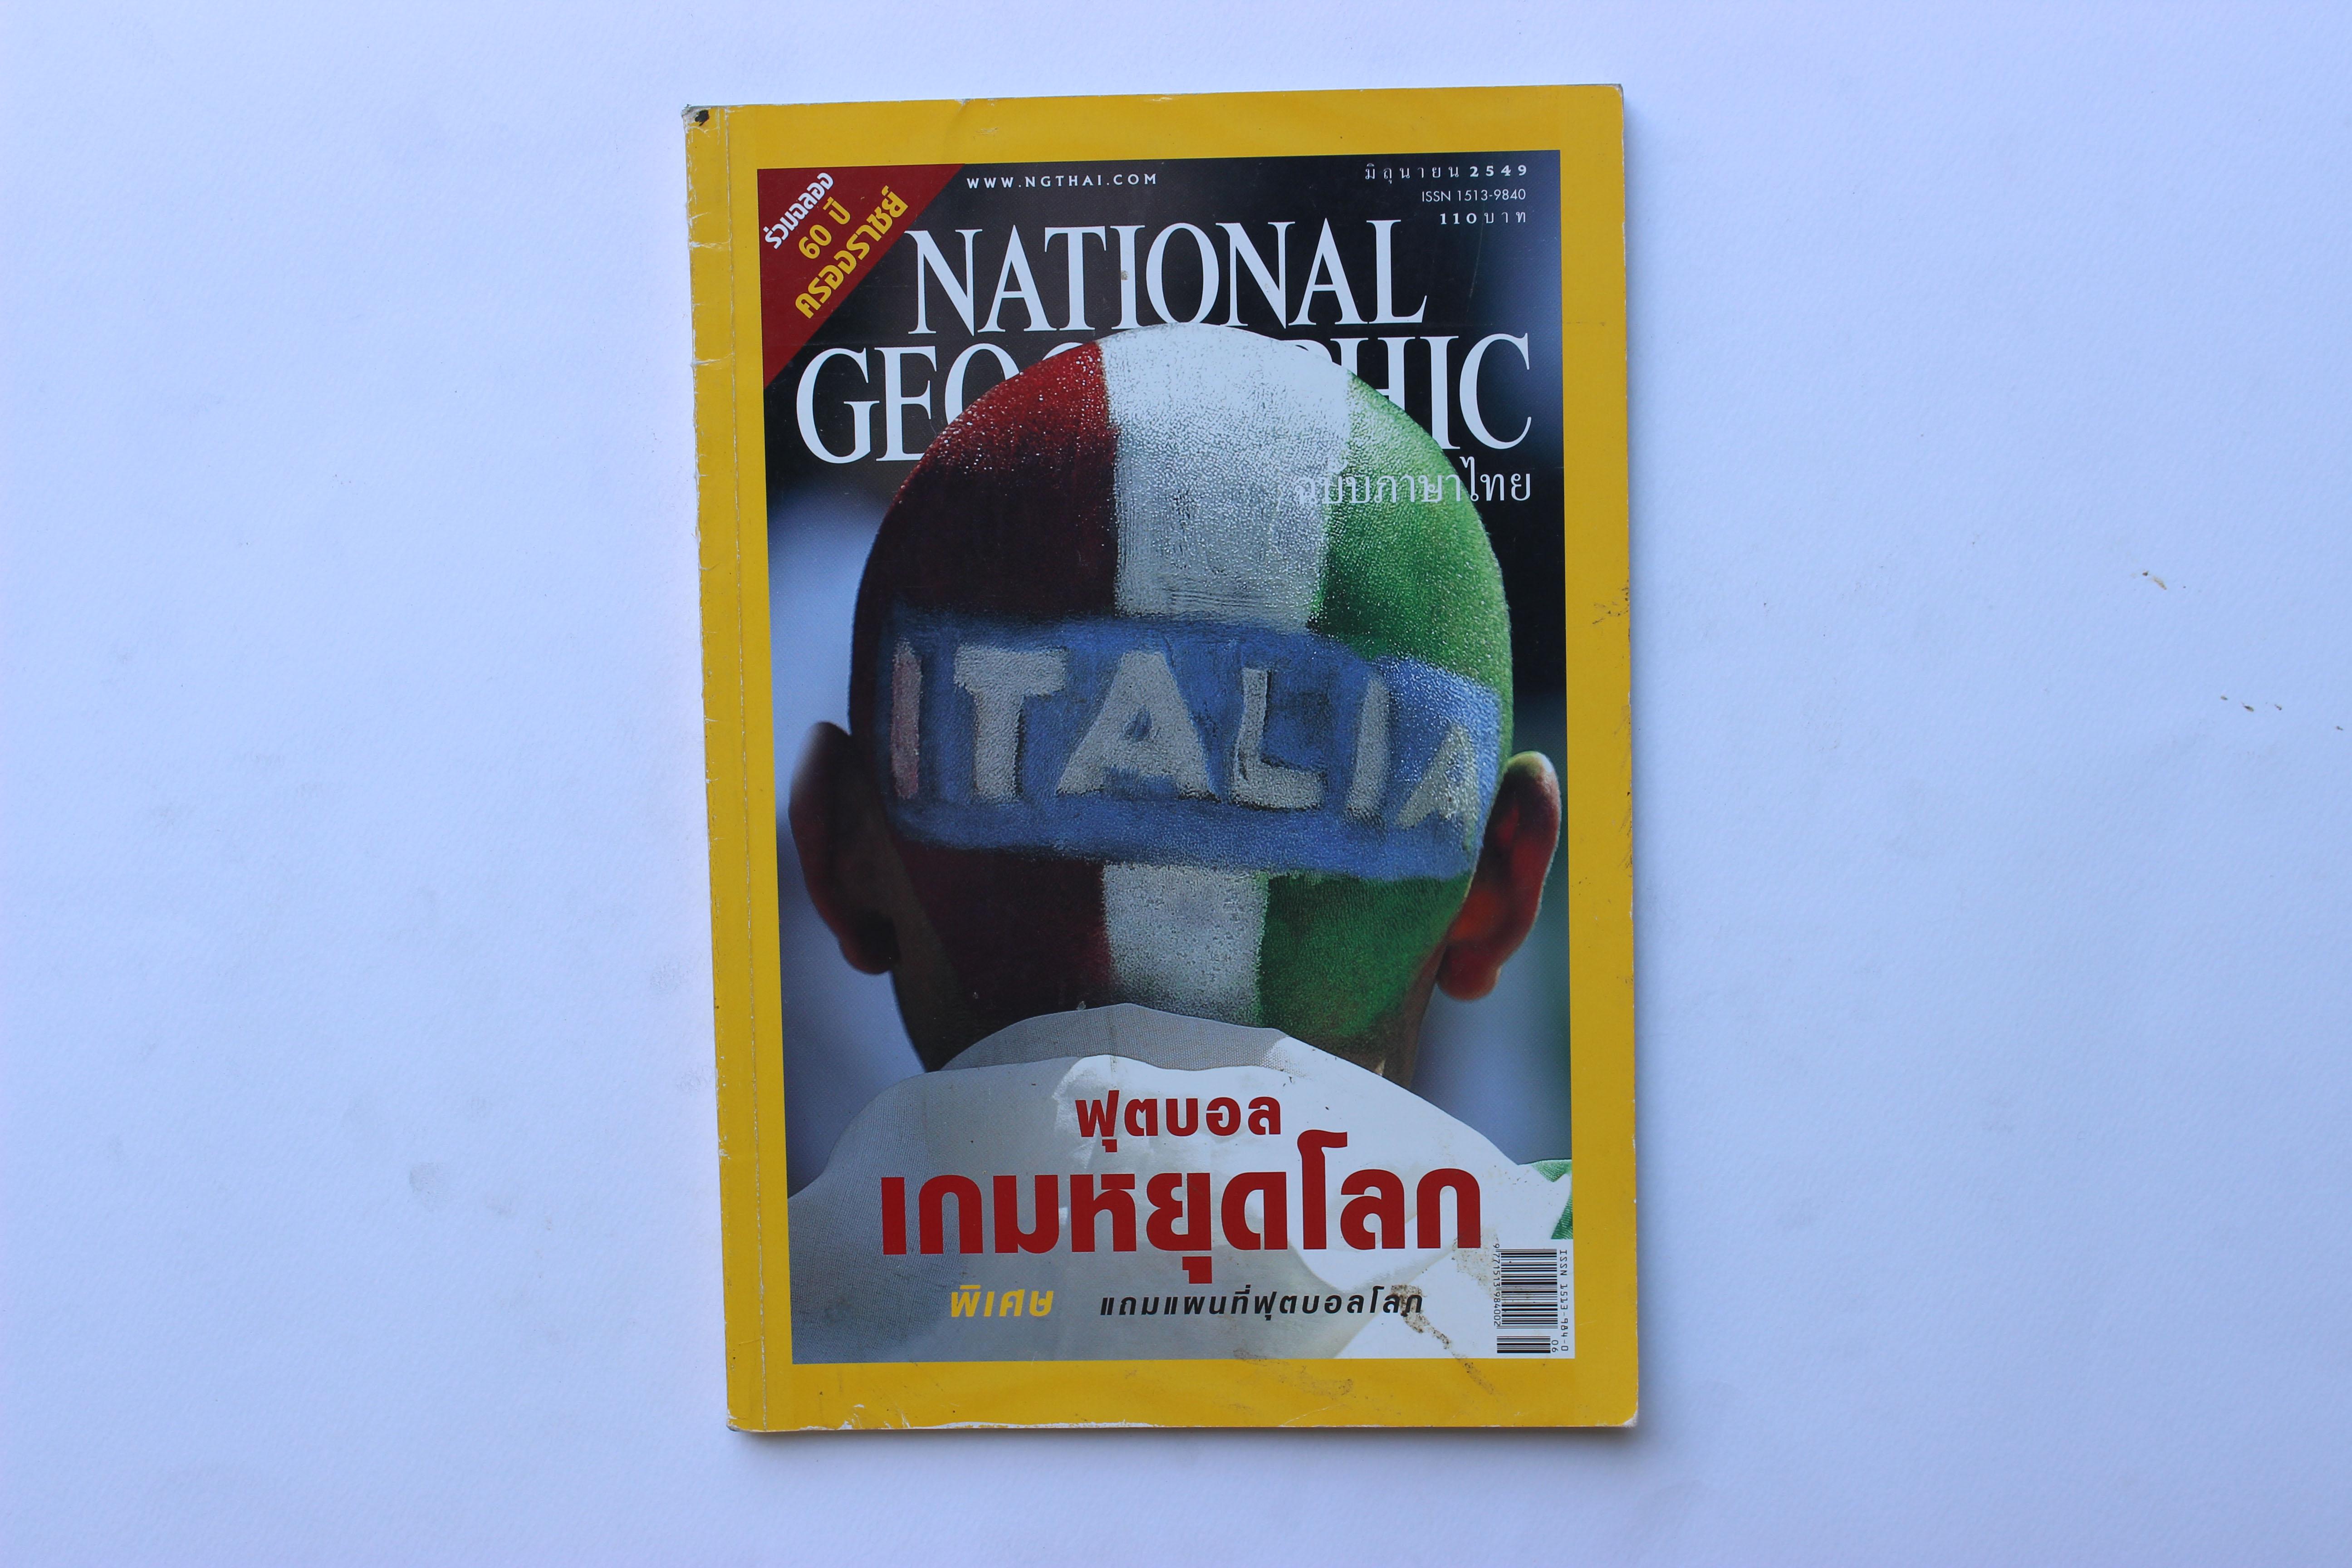 ์NATIONAL GEOGRAPHIC ฉบับภาษาไทย มิถุนายน 2549 ฟุตบอล เกมหยุดโลก *** (สินค้าหมดแล้ว)